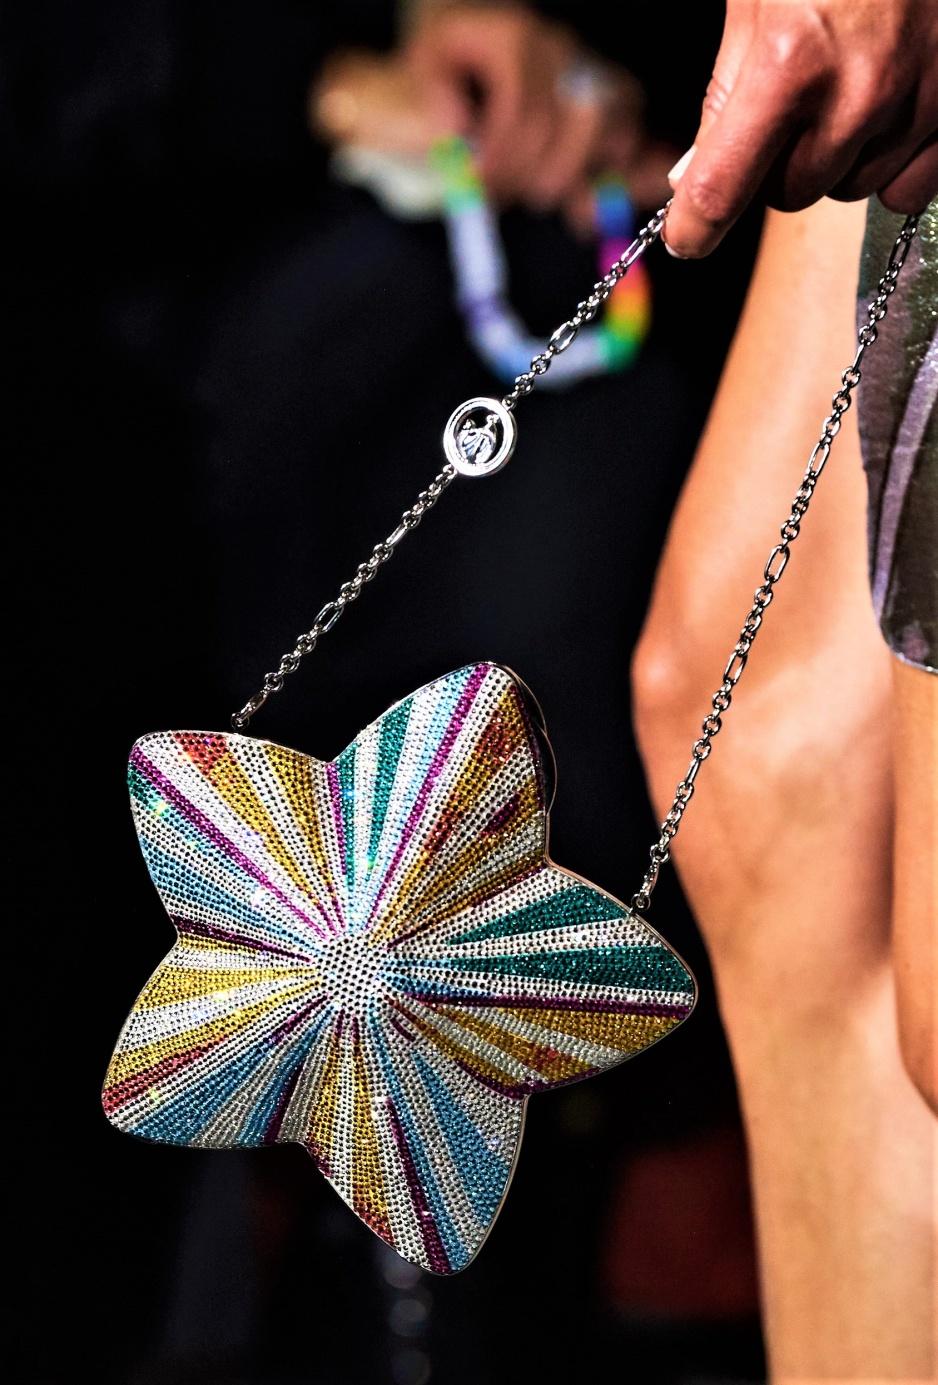 Paris 2. Lanvin star purse vog cropped.jpg